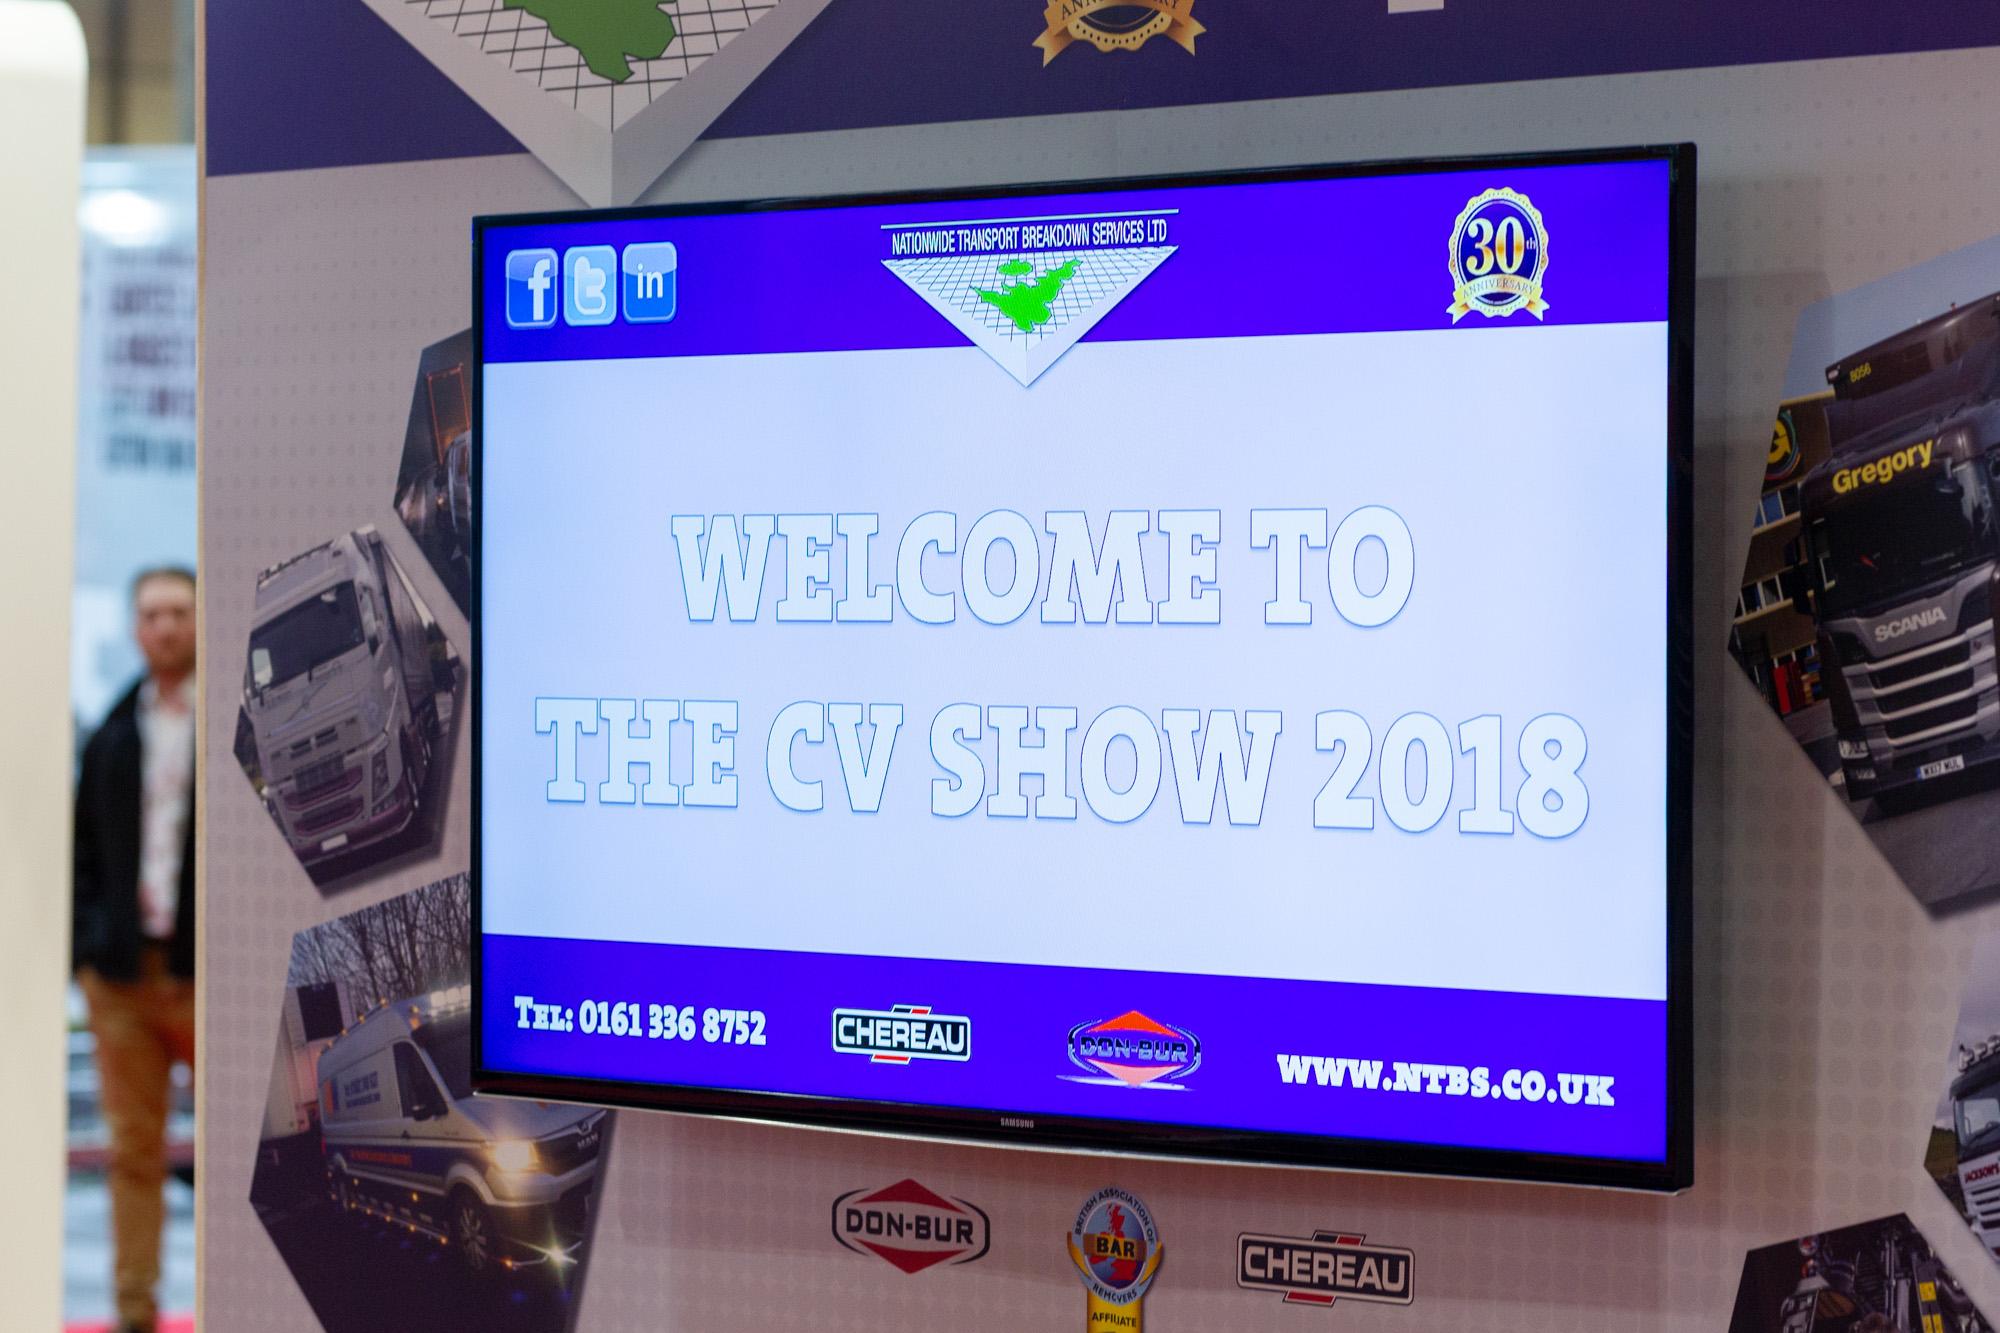 CV Show April 2018